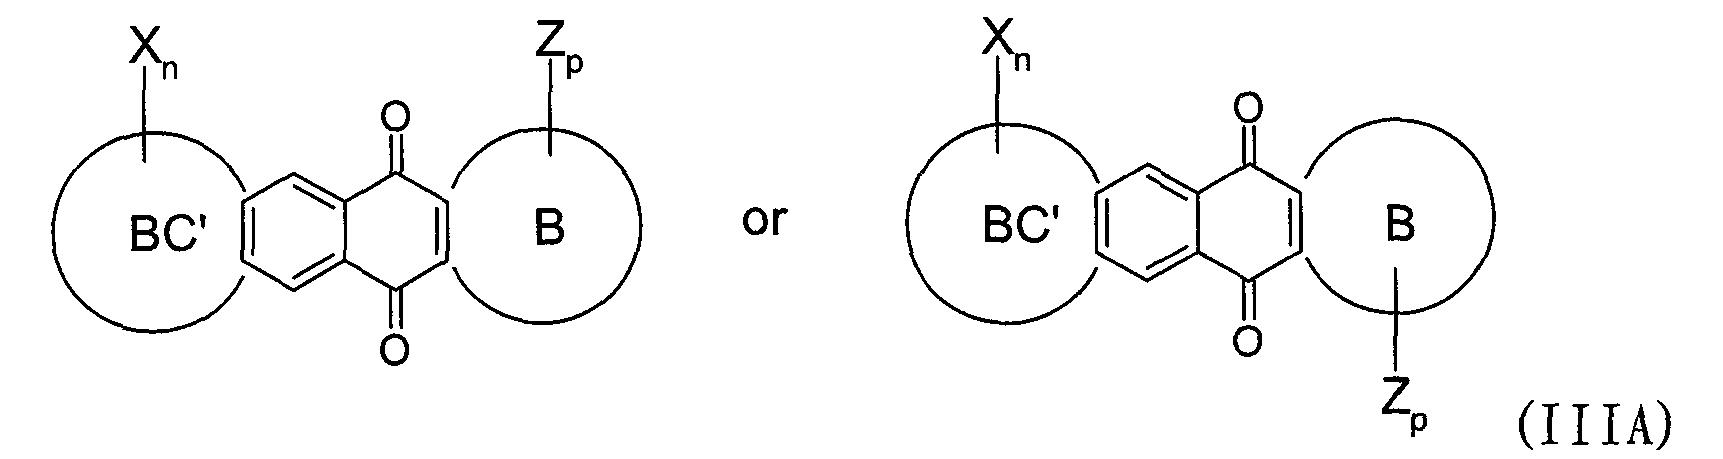 Figure CN101356662BD00371